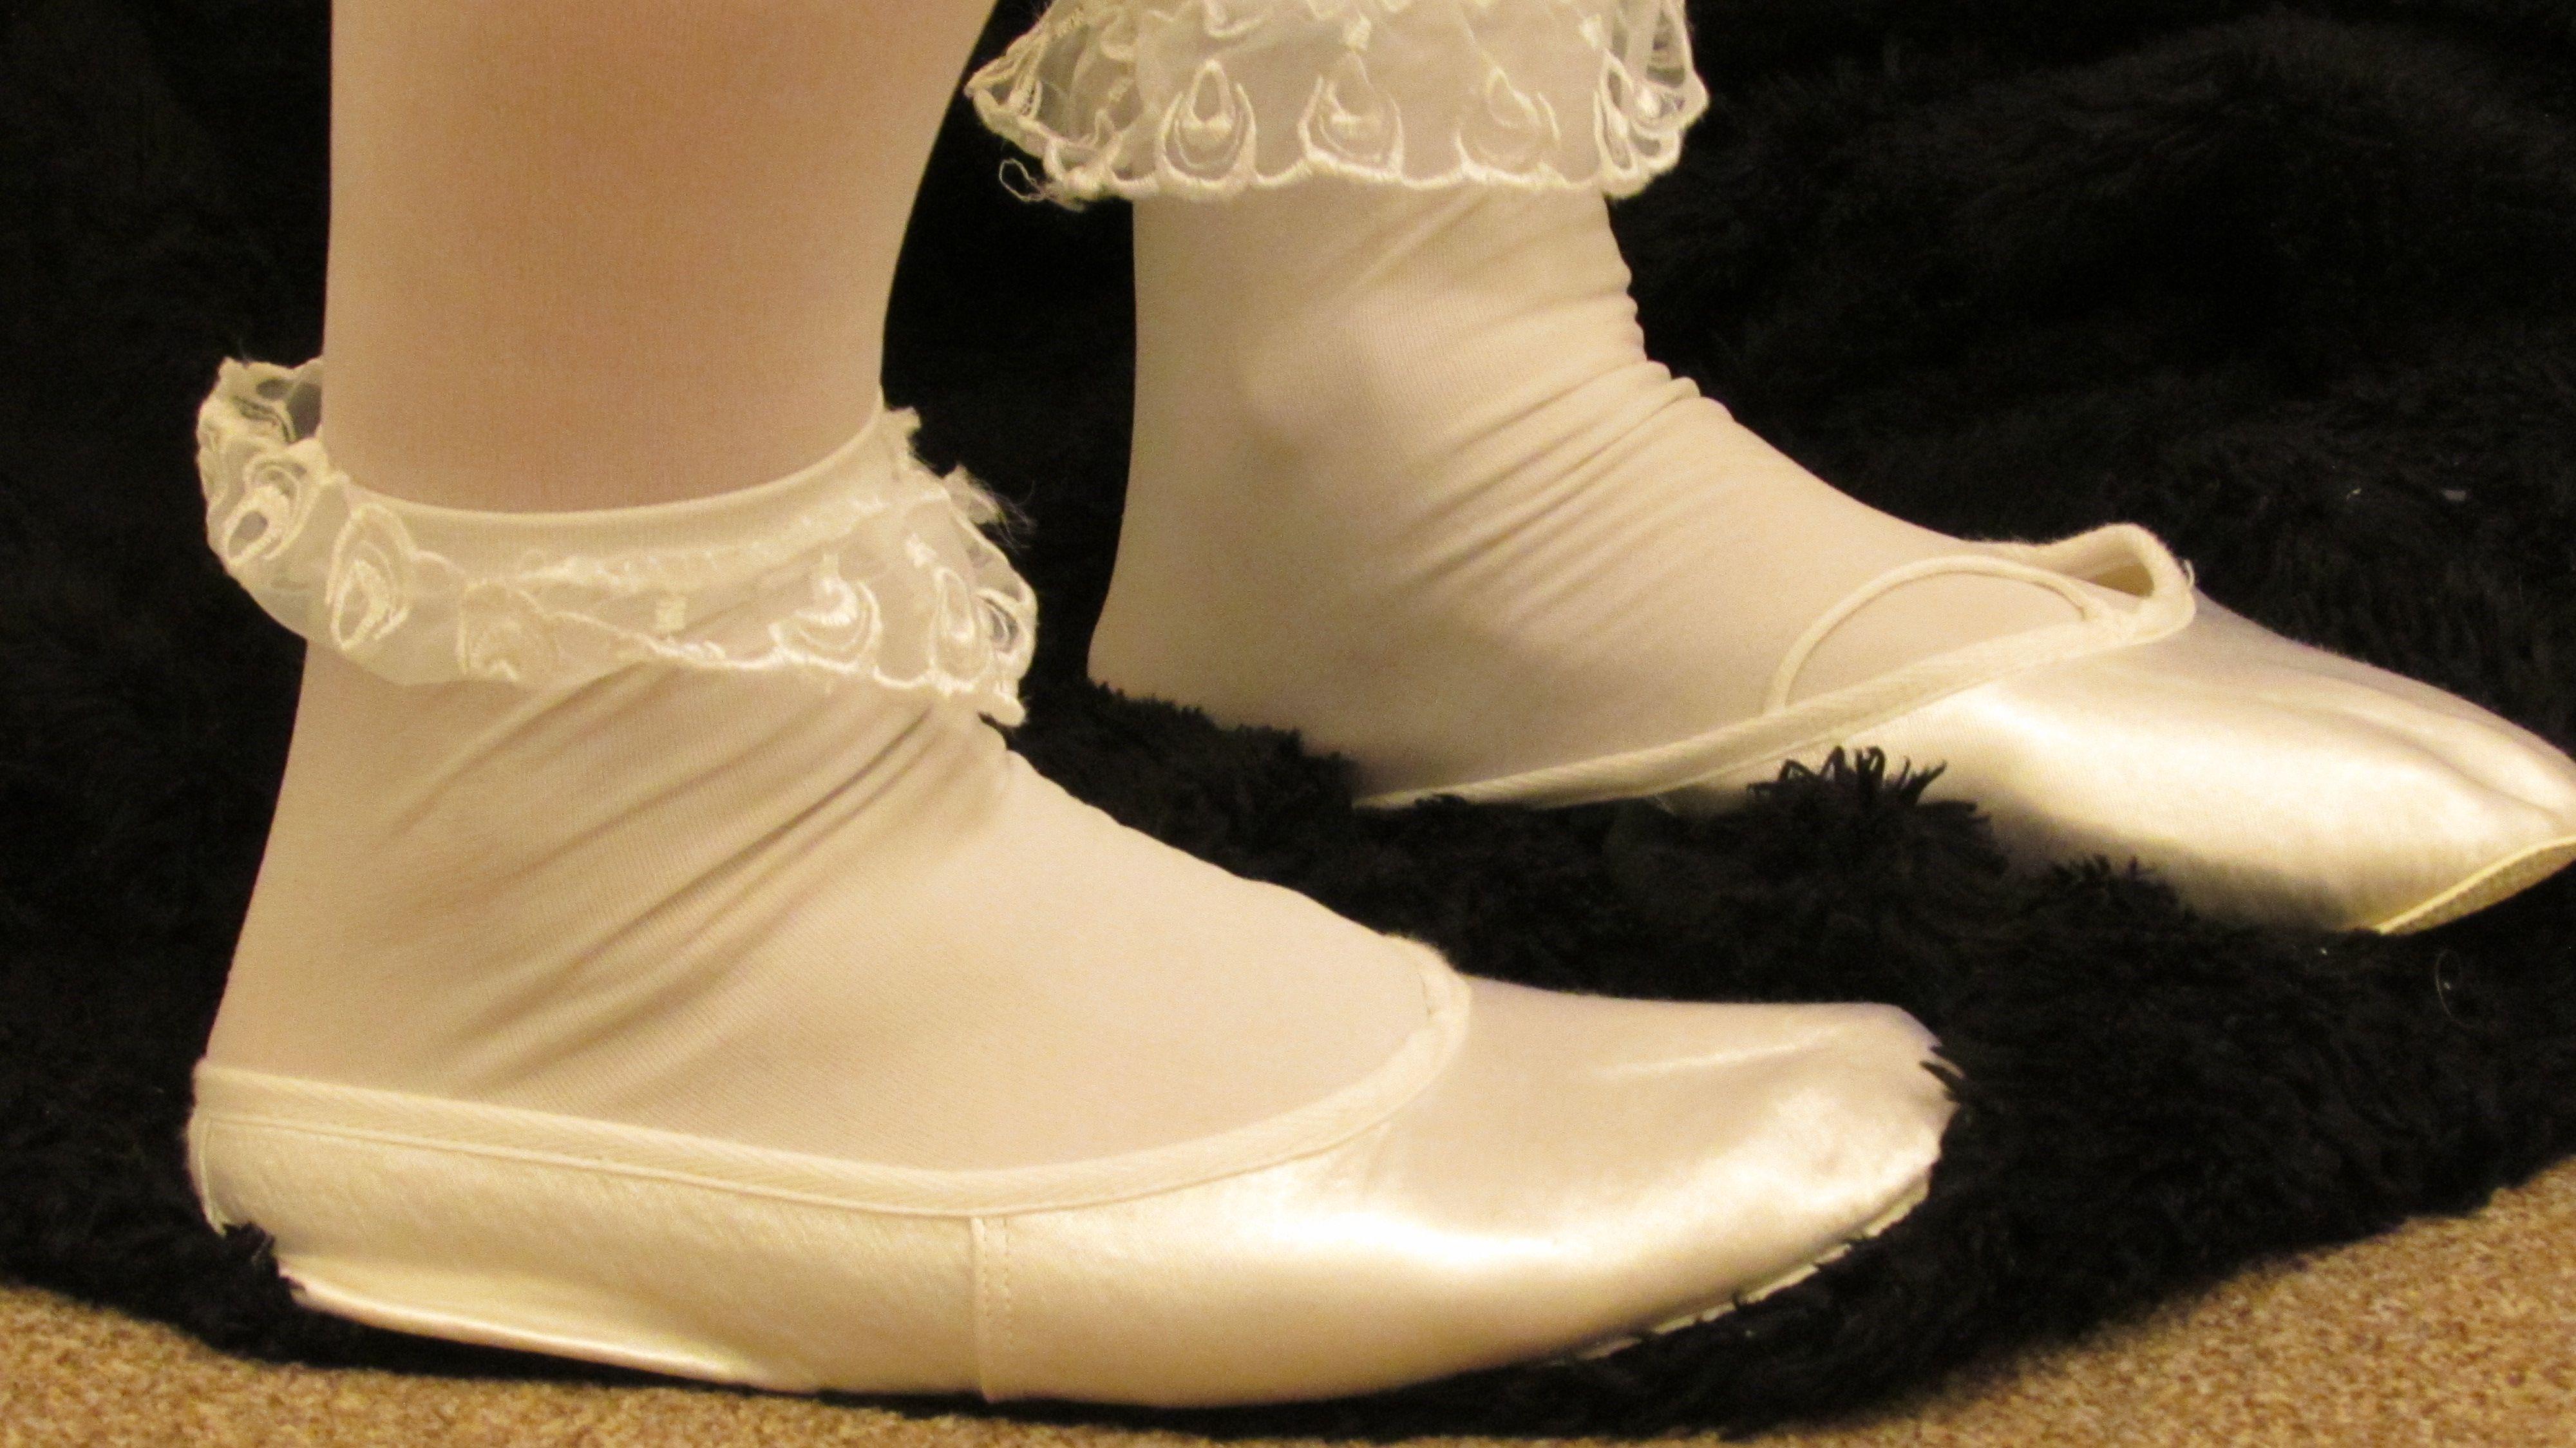 c69e9ff01 Extra sheer wedding tights